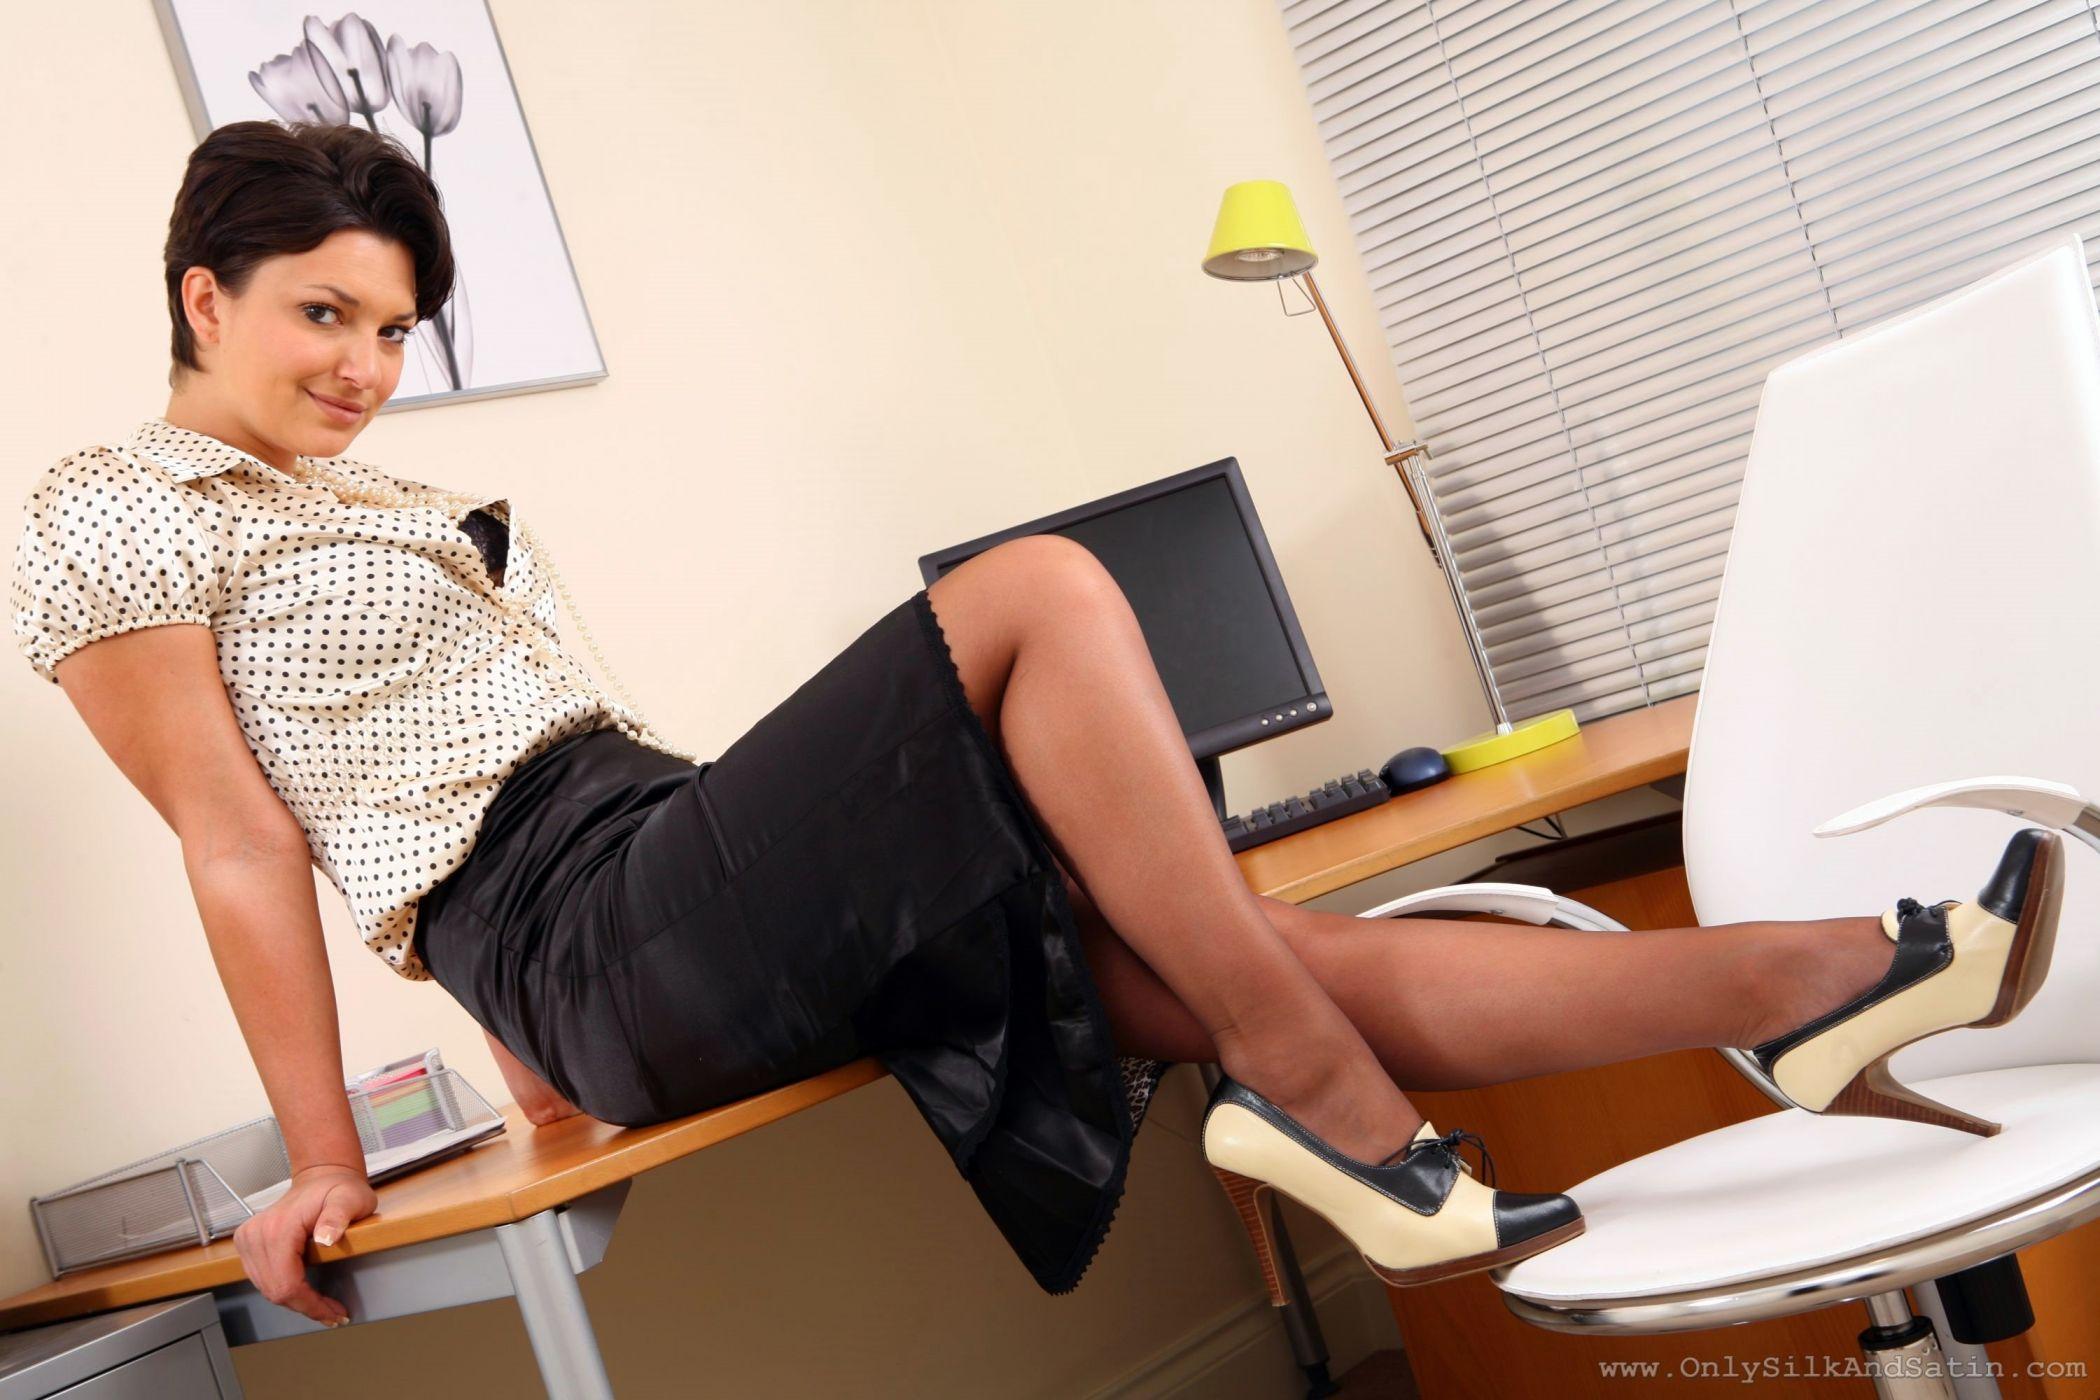 Видео под столом в офисе, гифки с большими грудями